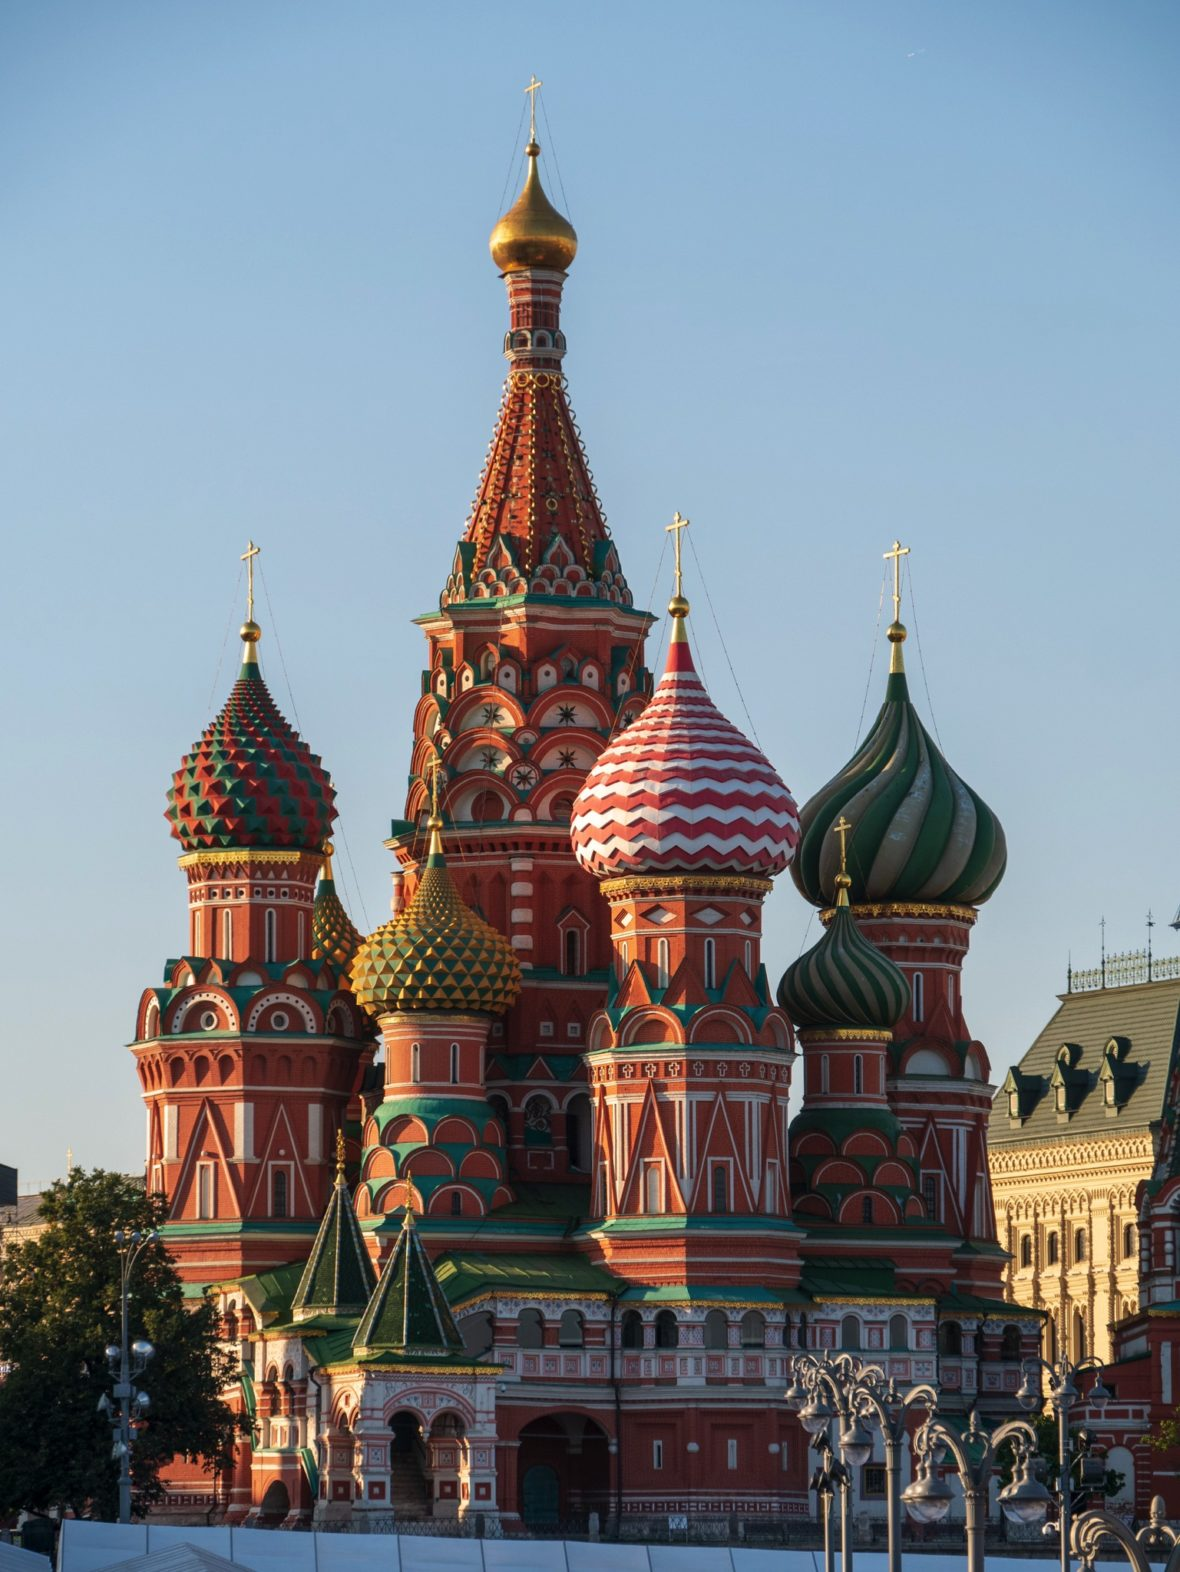 Une journée au Kremlin ou la visite immanquable de Moscou